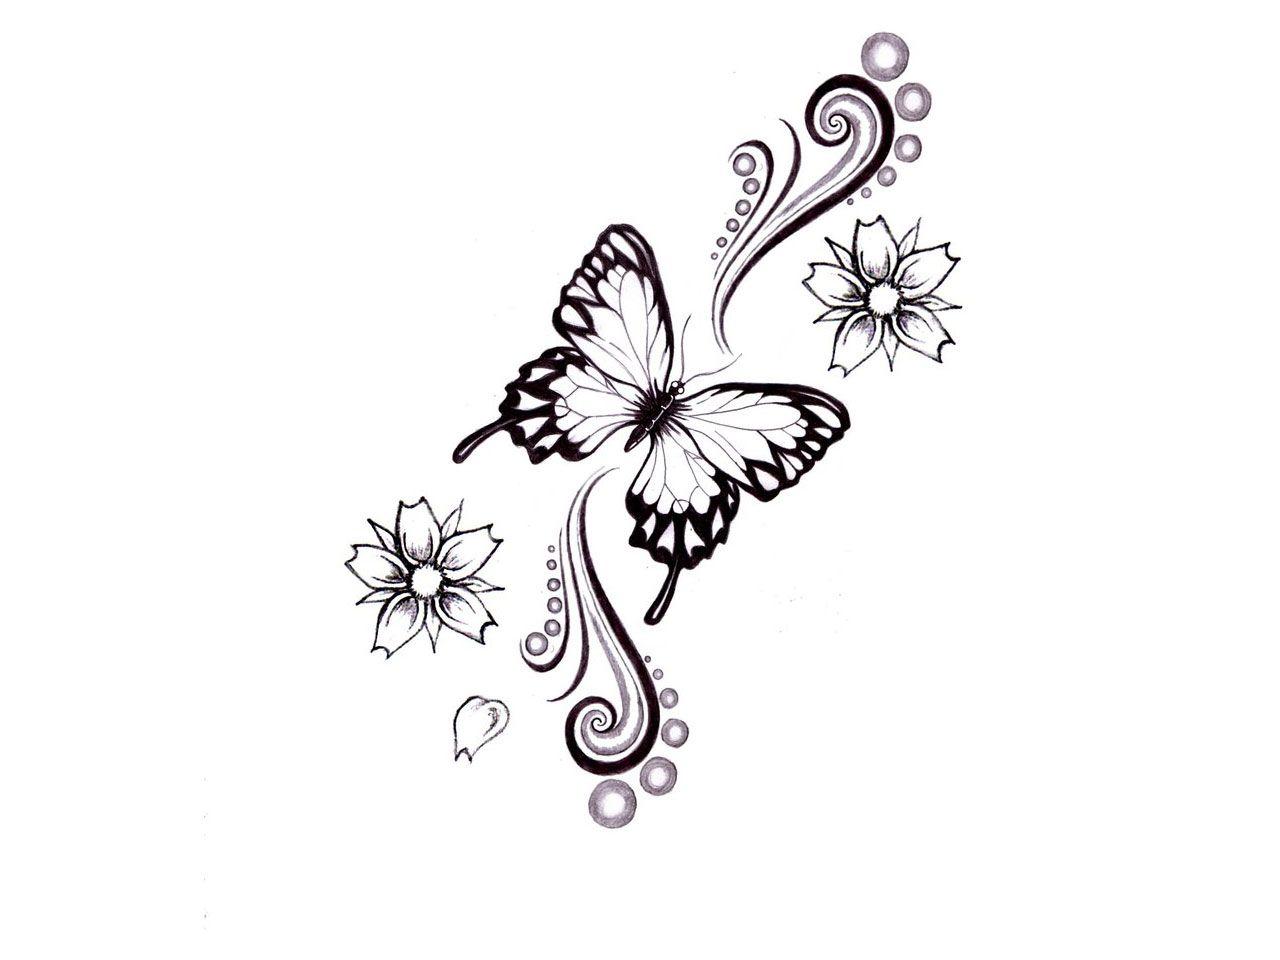 butterfly tattoo | My Style | Pinterest | Tattoo ideen ...